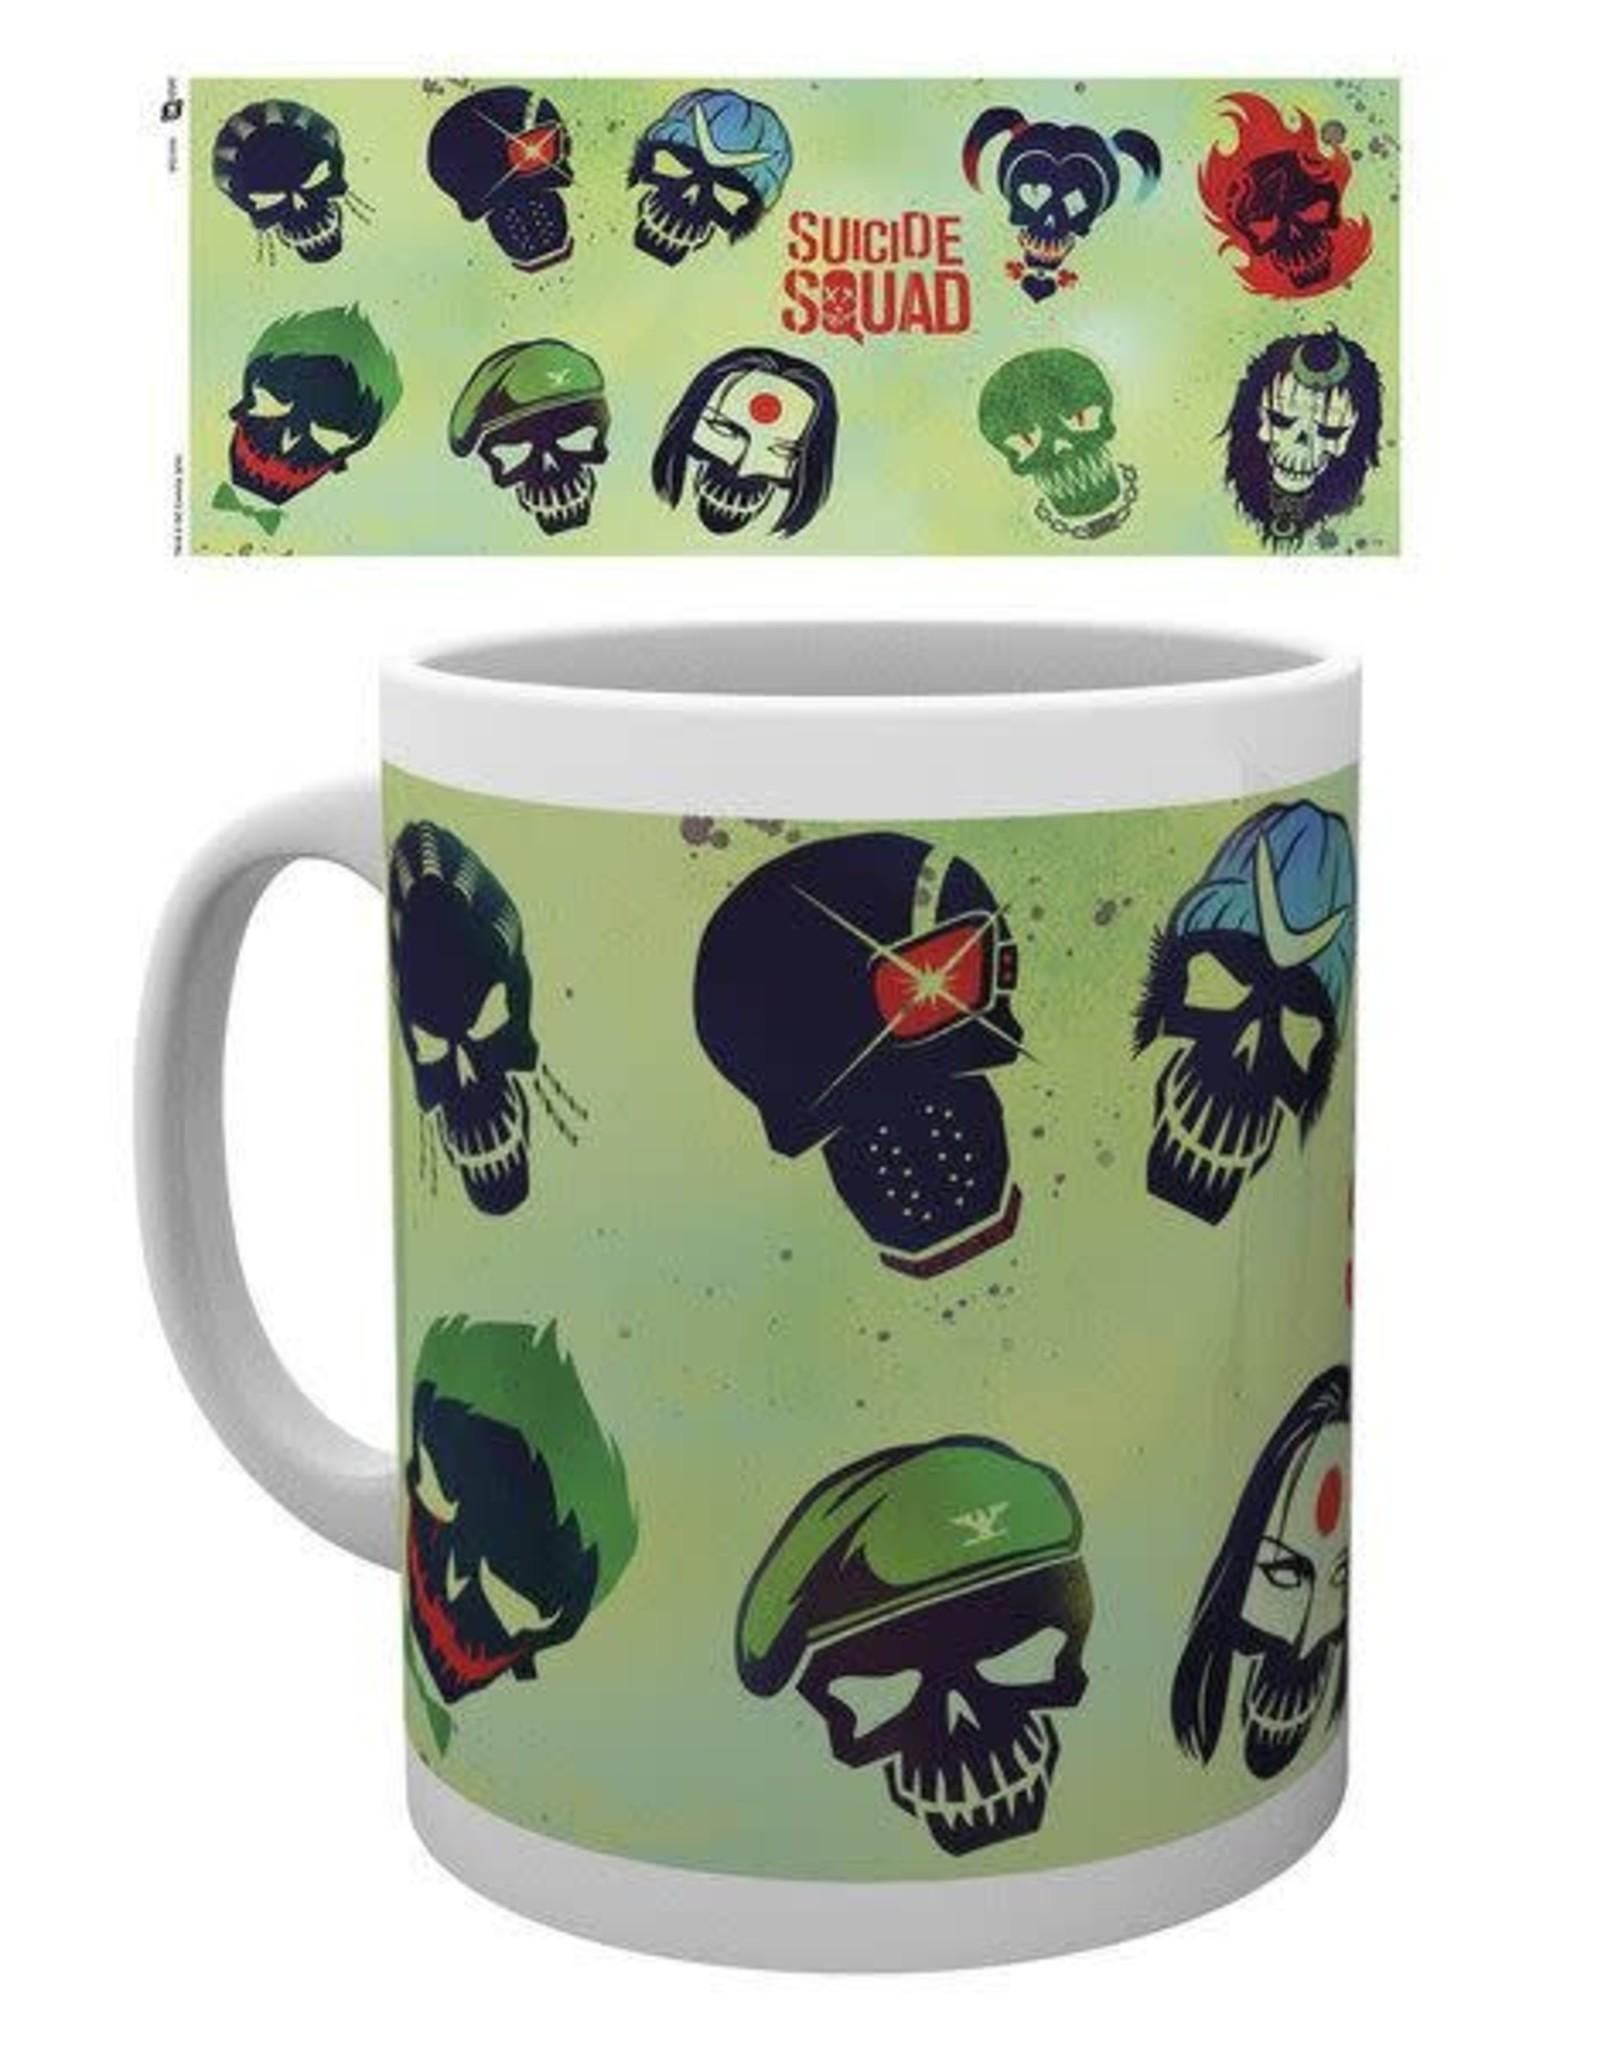 DC Comics Mug - Suicide Squad Skulls Green